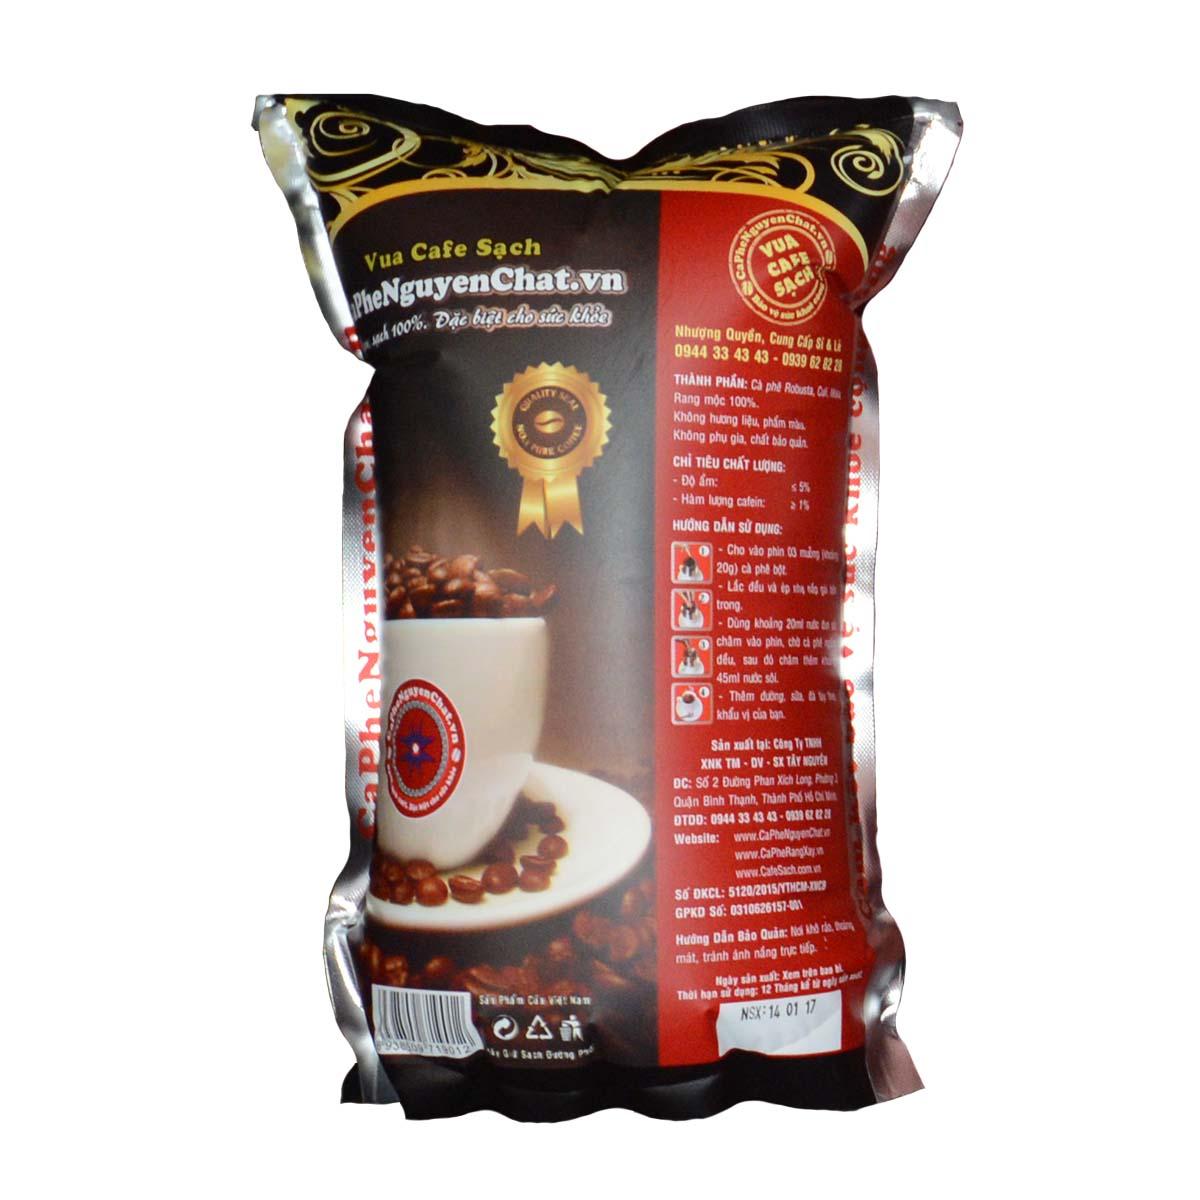 Bao bì cà phê nguyên chất 3 in 1